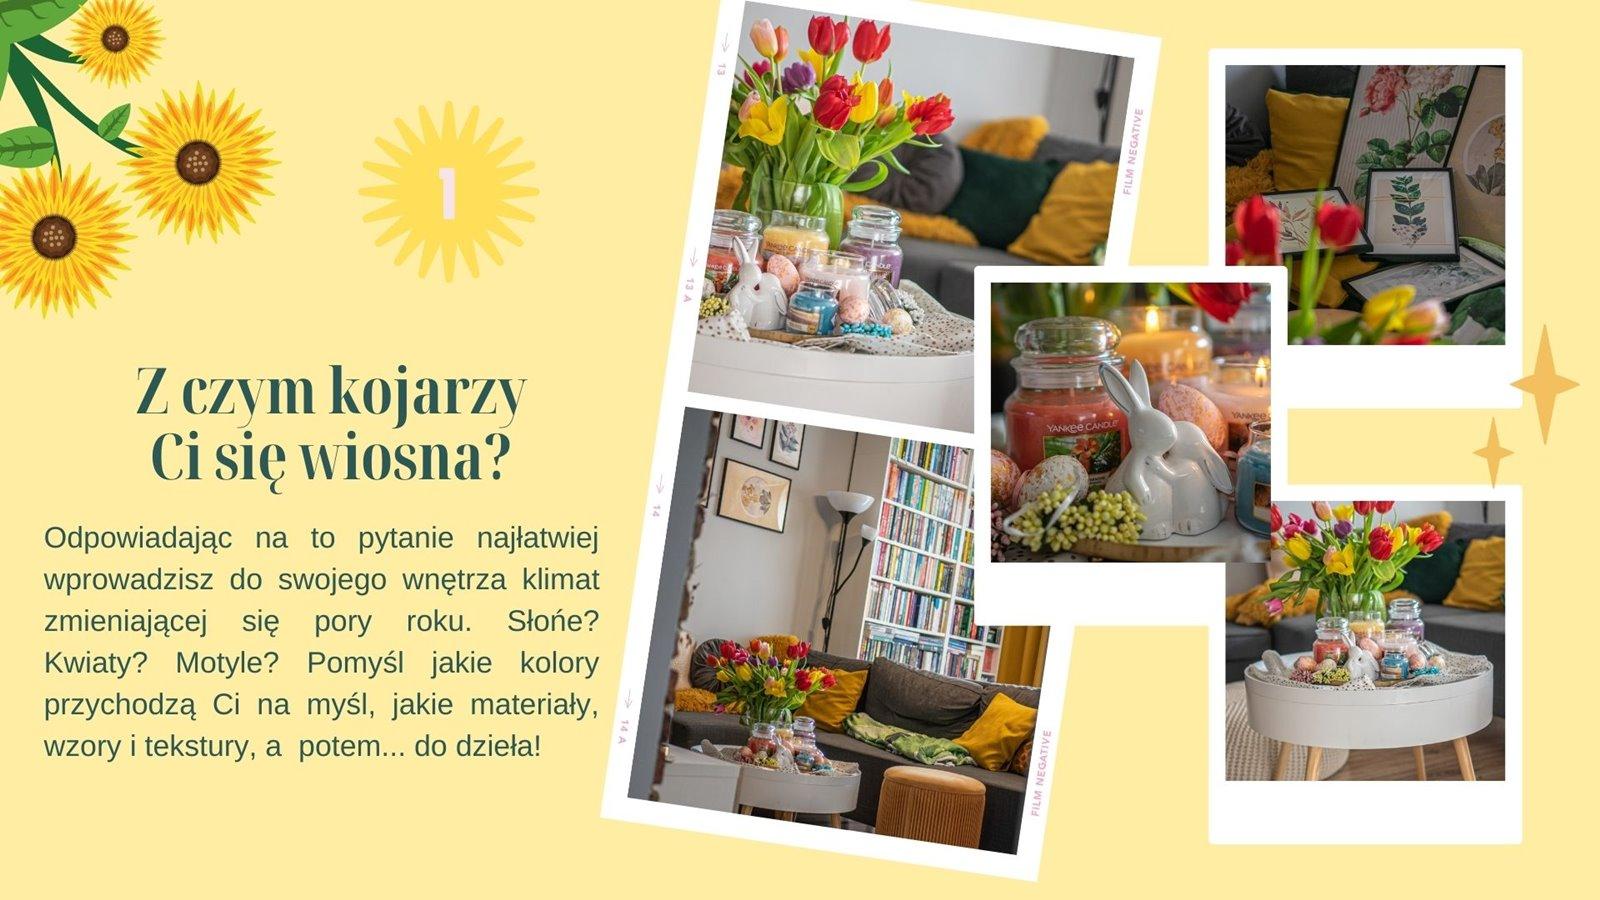 2 jak udekorować na wiosnę dom wystrój wnętrza porady i  inspiracje na wiosenne kwiatowe dekoracje do mieszkania i domu dla dziewczynki jak zaprojektować galerie plakatow na sciane